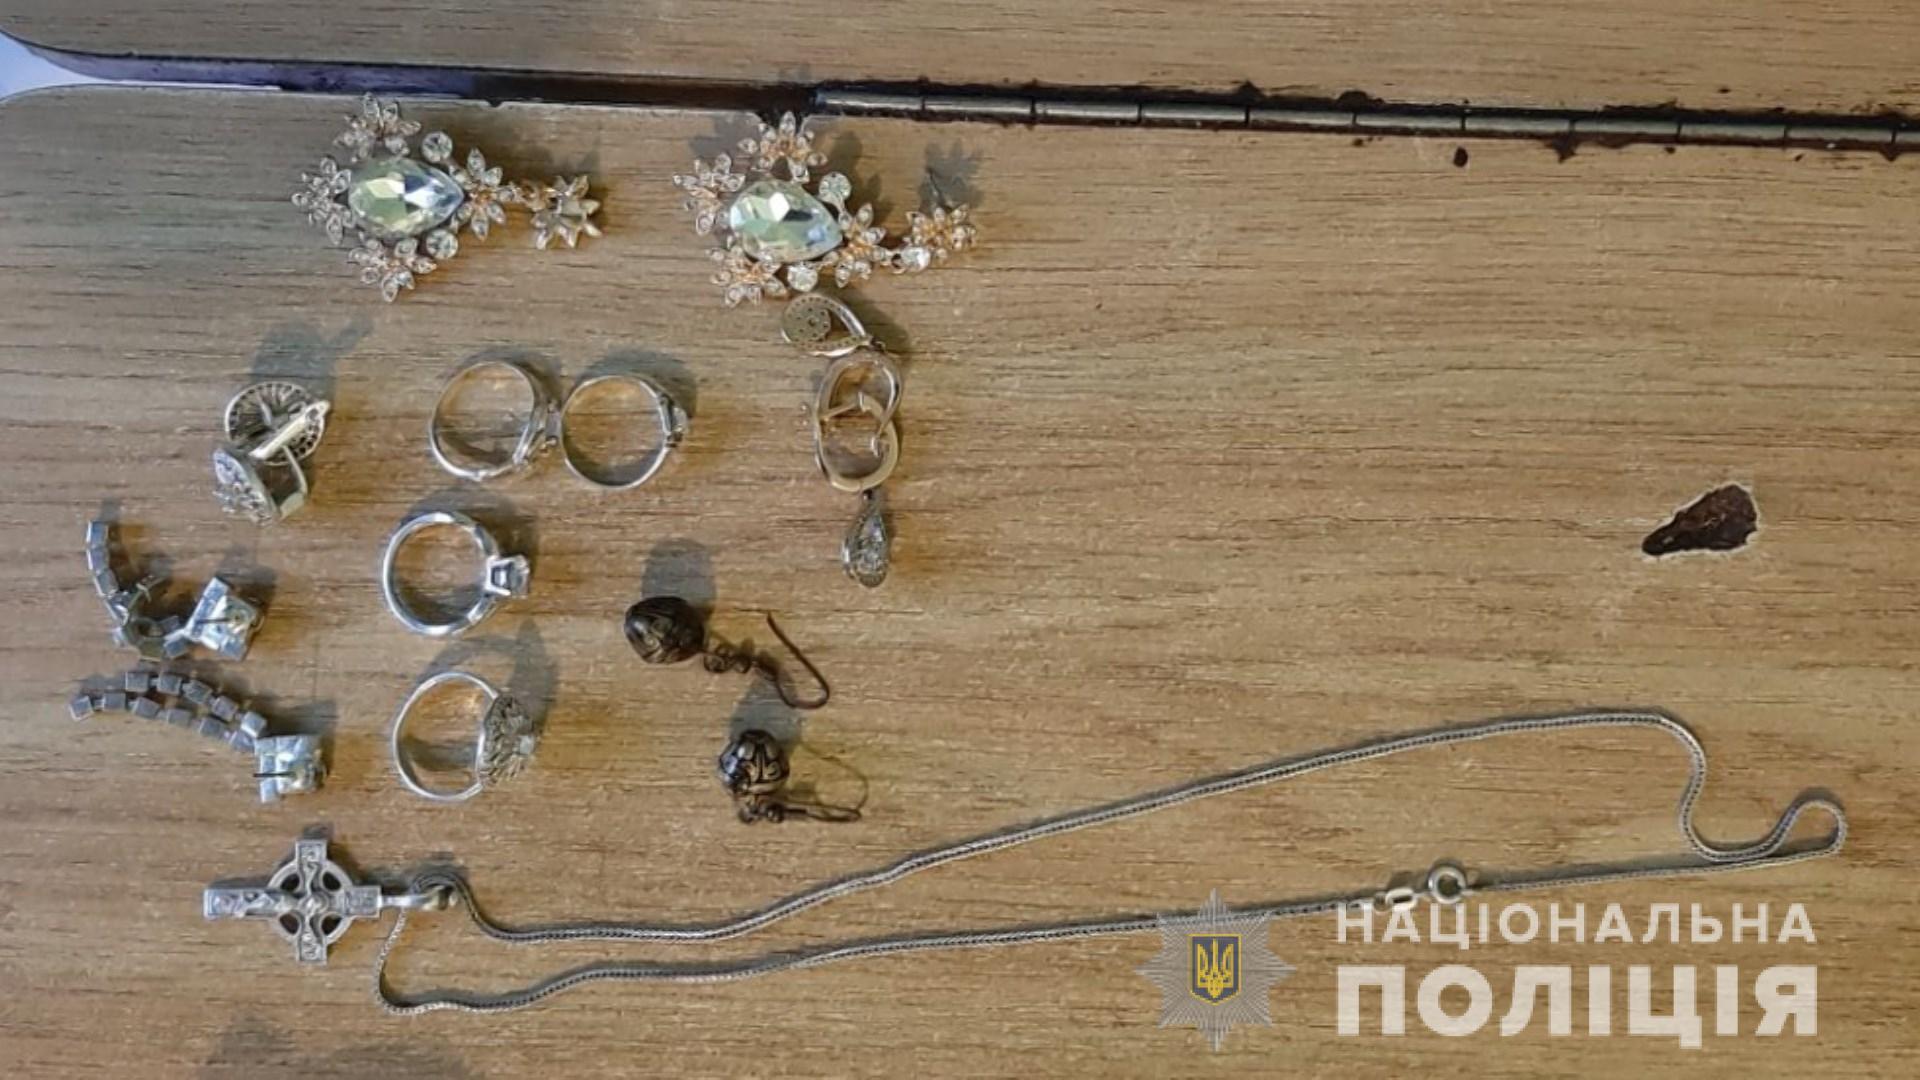 На Вишгородщині зловили злодіїв, які вкрали посилки - Поліція, крадіжка, київщина, Вишгородський район - 1120 polits3